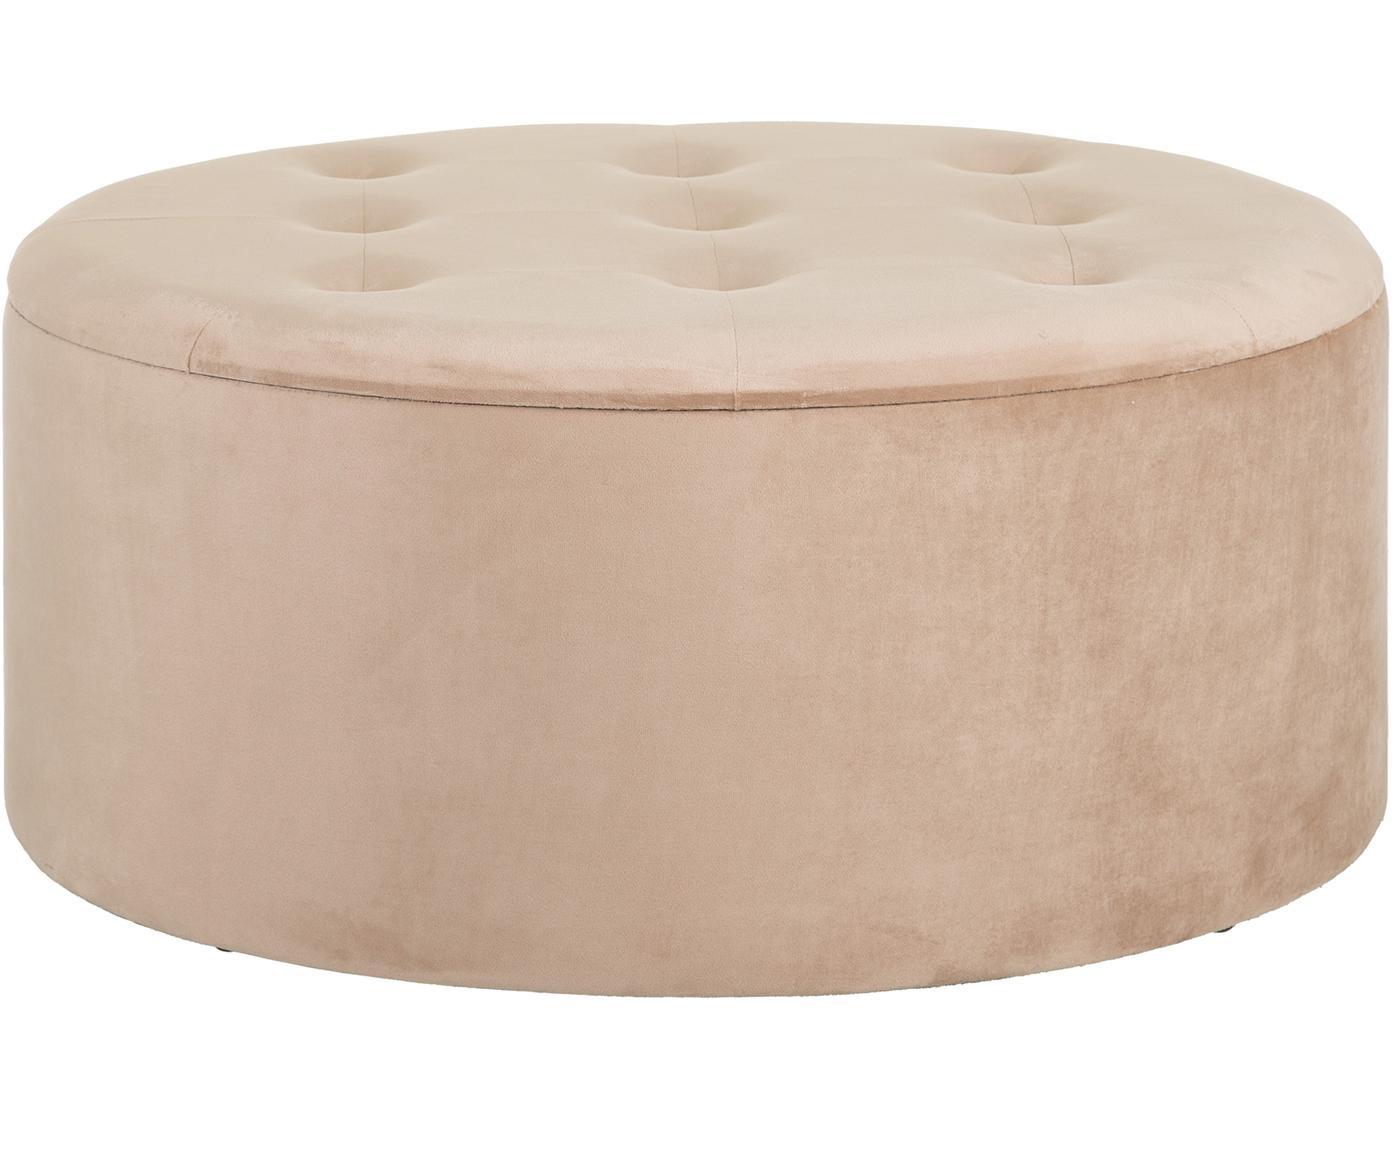 Fluwelen poef Bina met opbergruimte, Bekleding: polyester (fluweel), Frame: hout, Beige, Ø 90 x H 40 cm